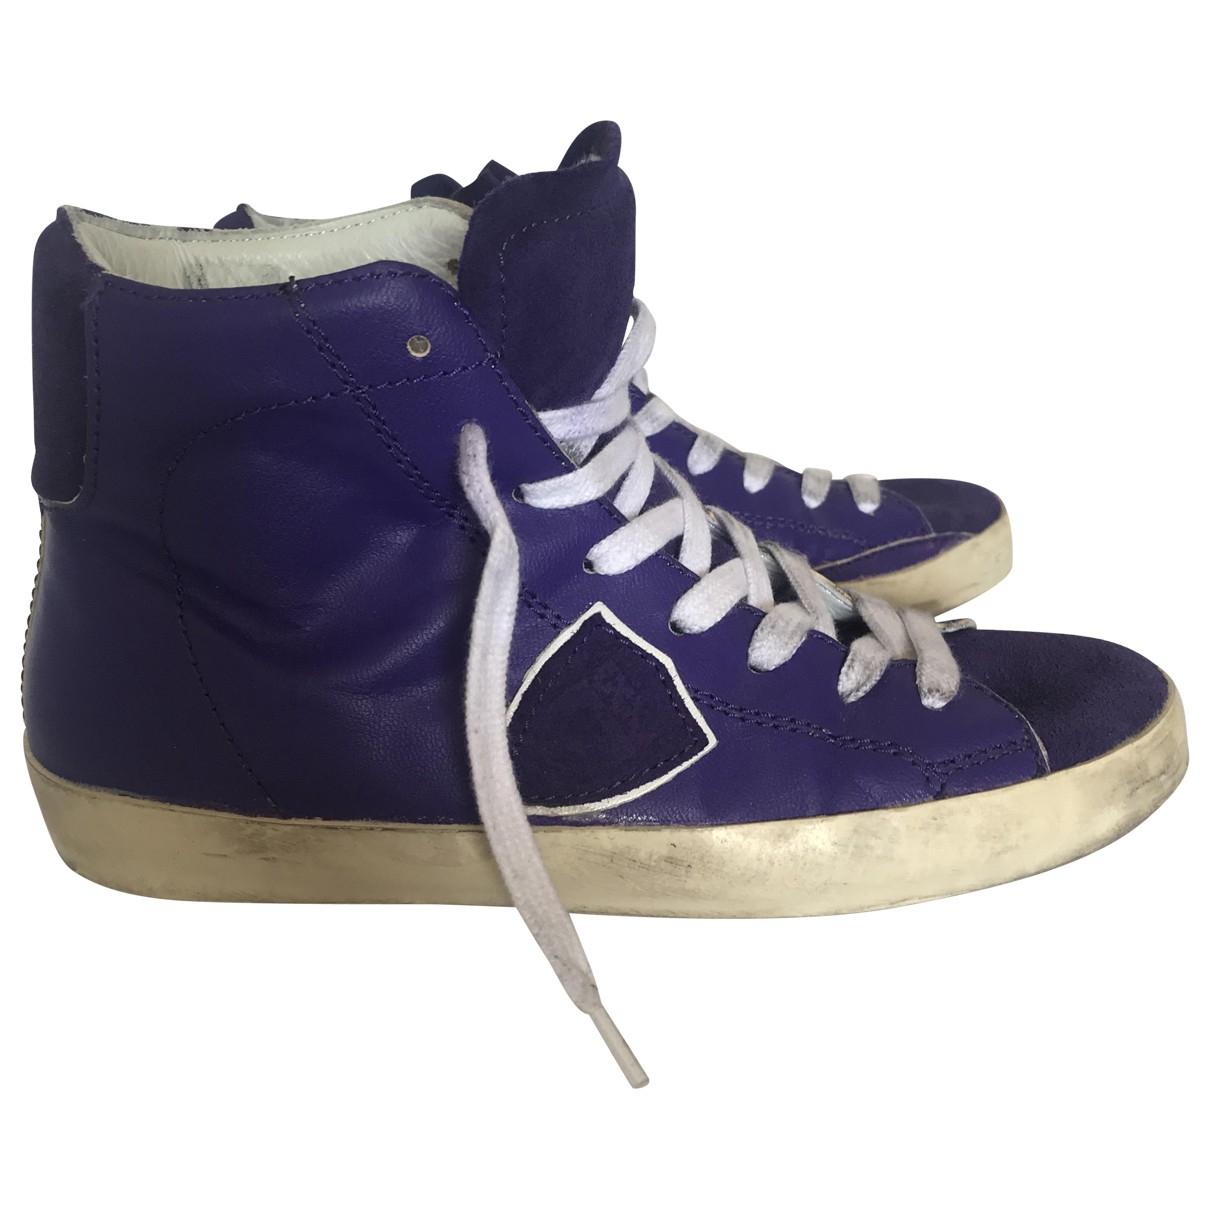 Philippe Model \N Sneakers in  Lila Leder